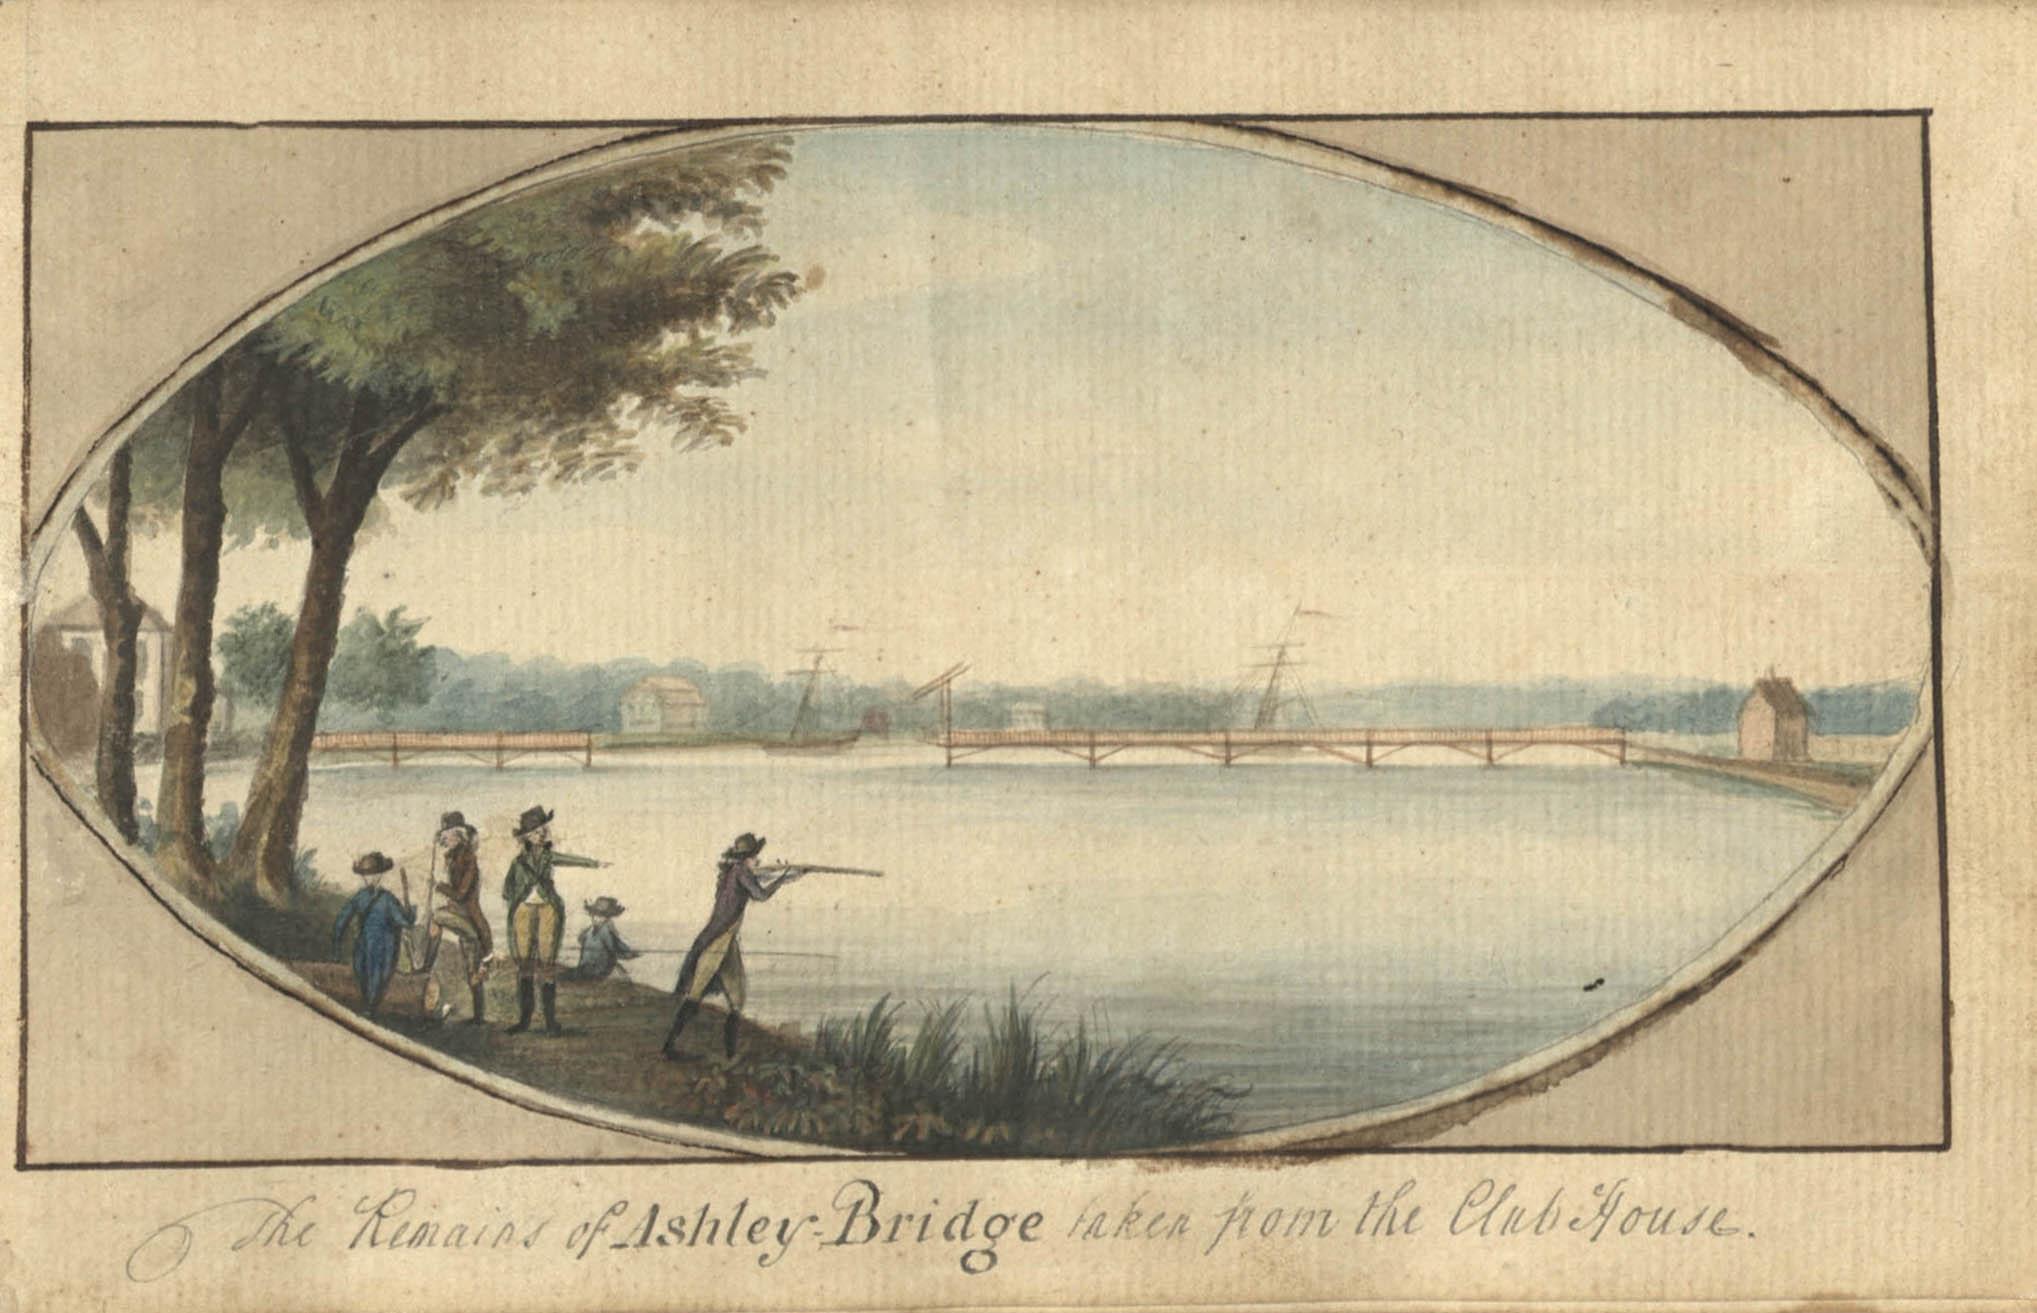 Charles Fraser Sketchbook, 1793-1796, Ashley Bridge